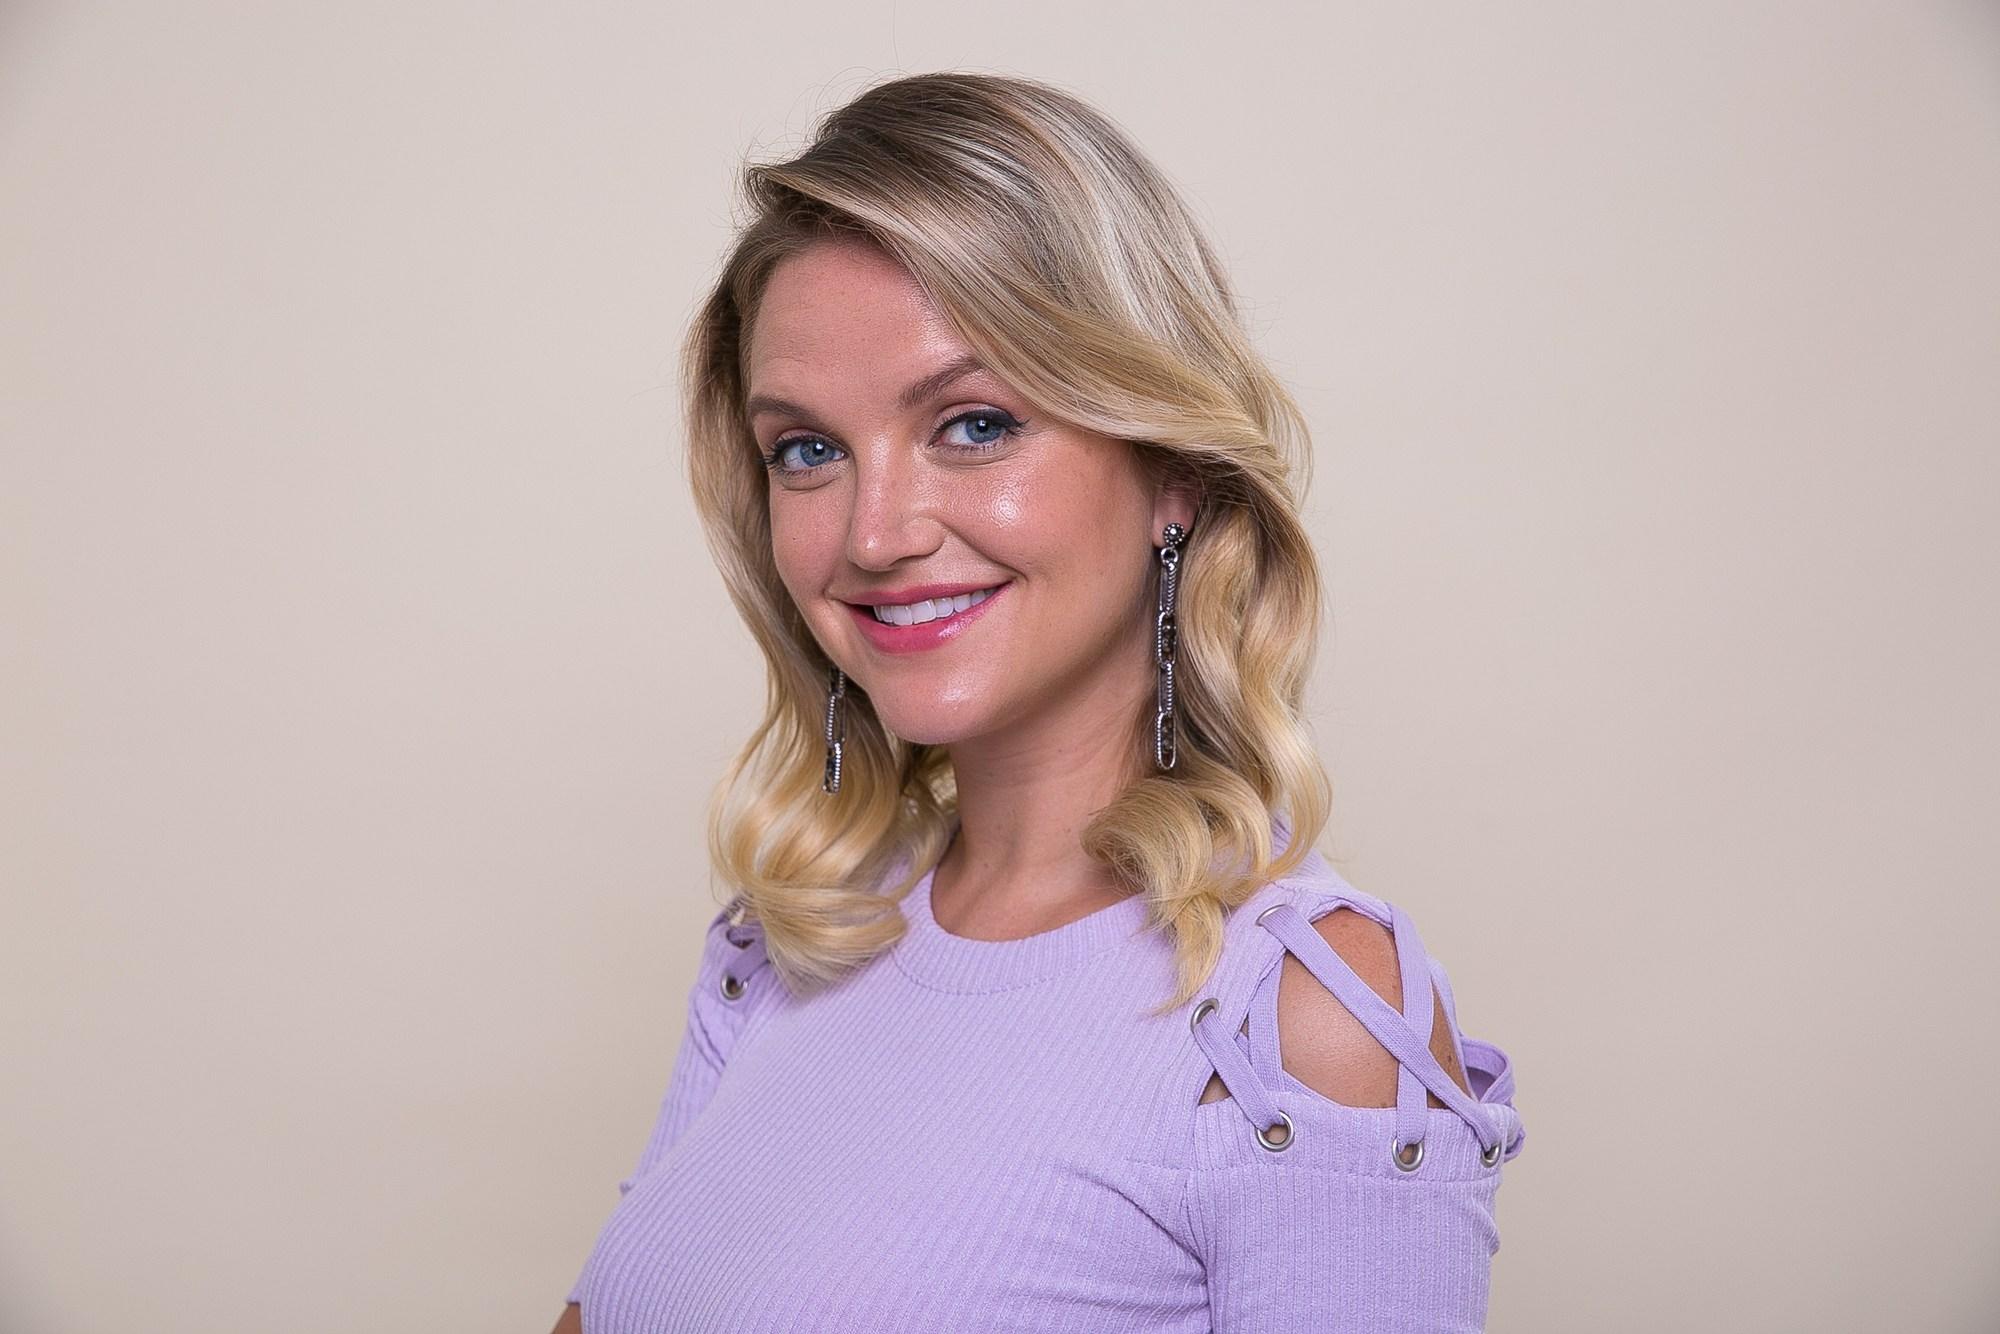 Modelo com cabelo médio loiro ondulado e blusa lilás com detalhes vazados nos ombros